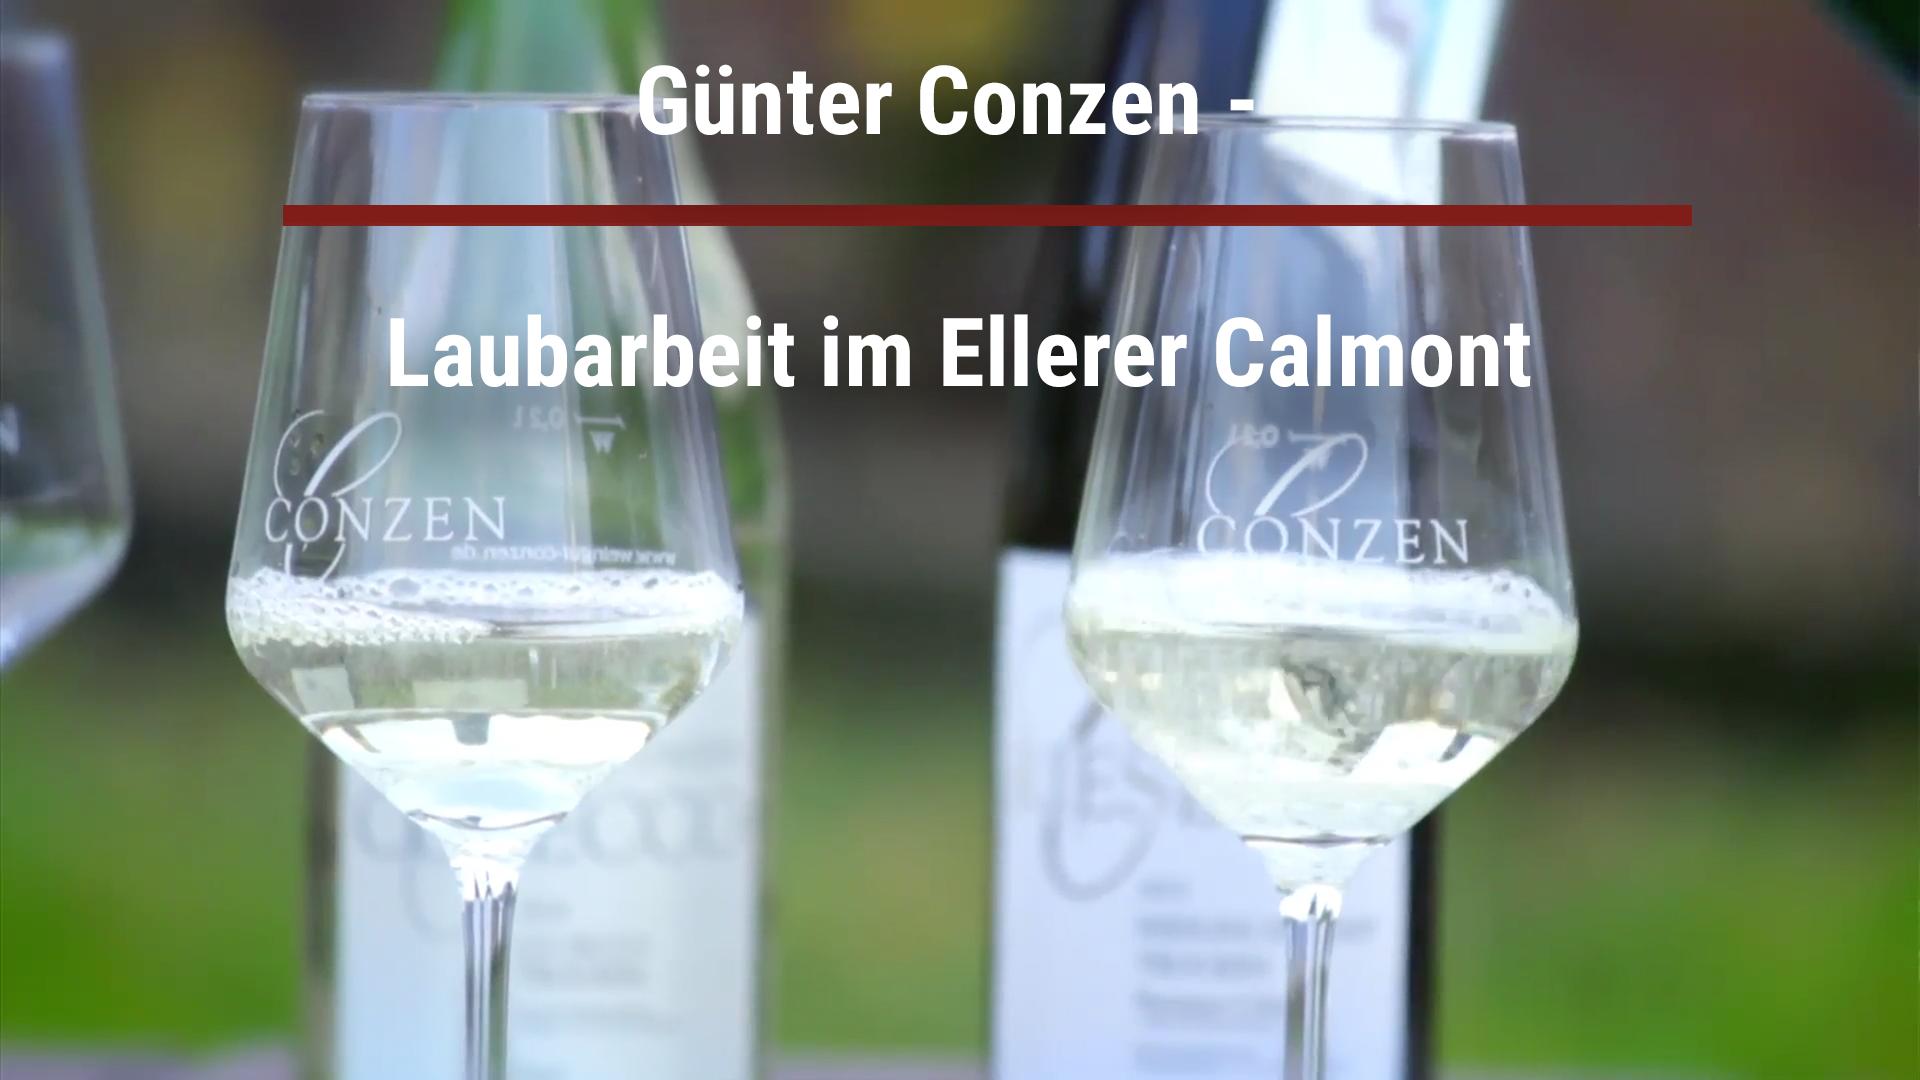 Günter Conzen – Foliage work in the Ellerer Calmont